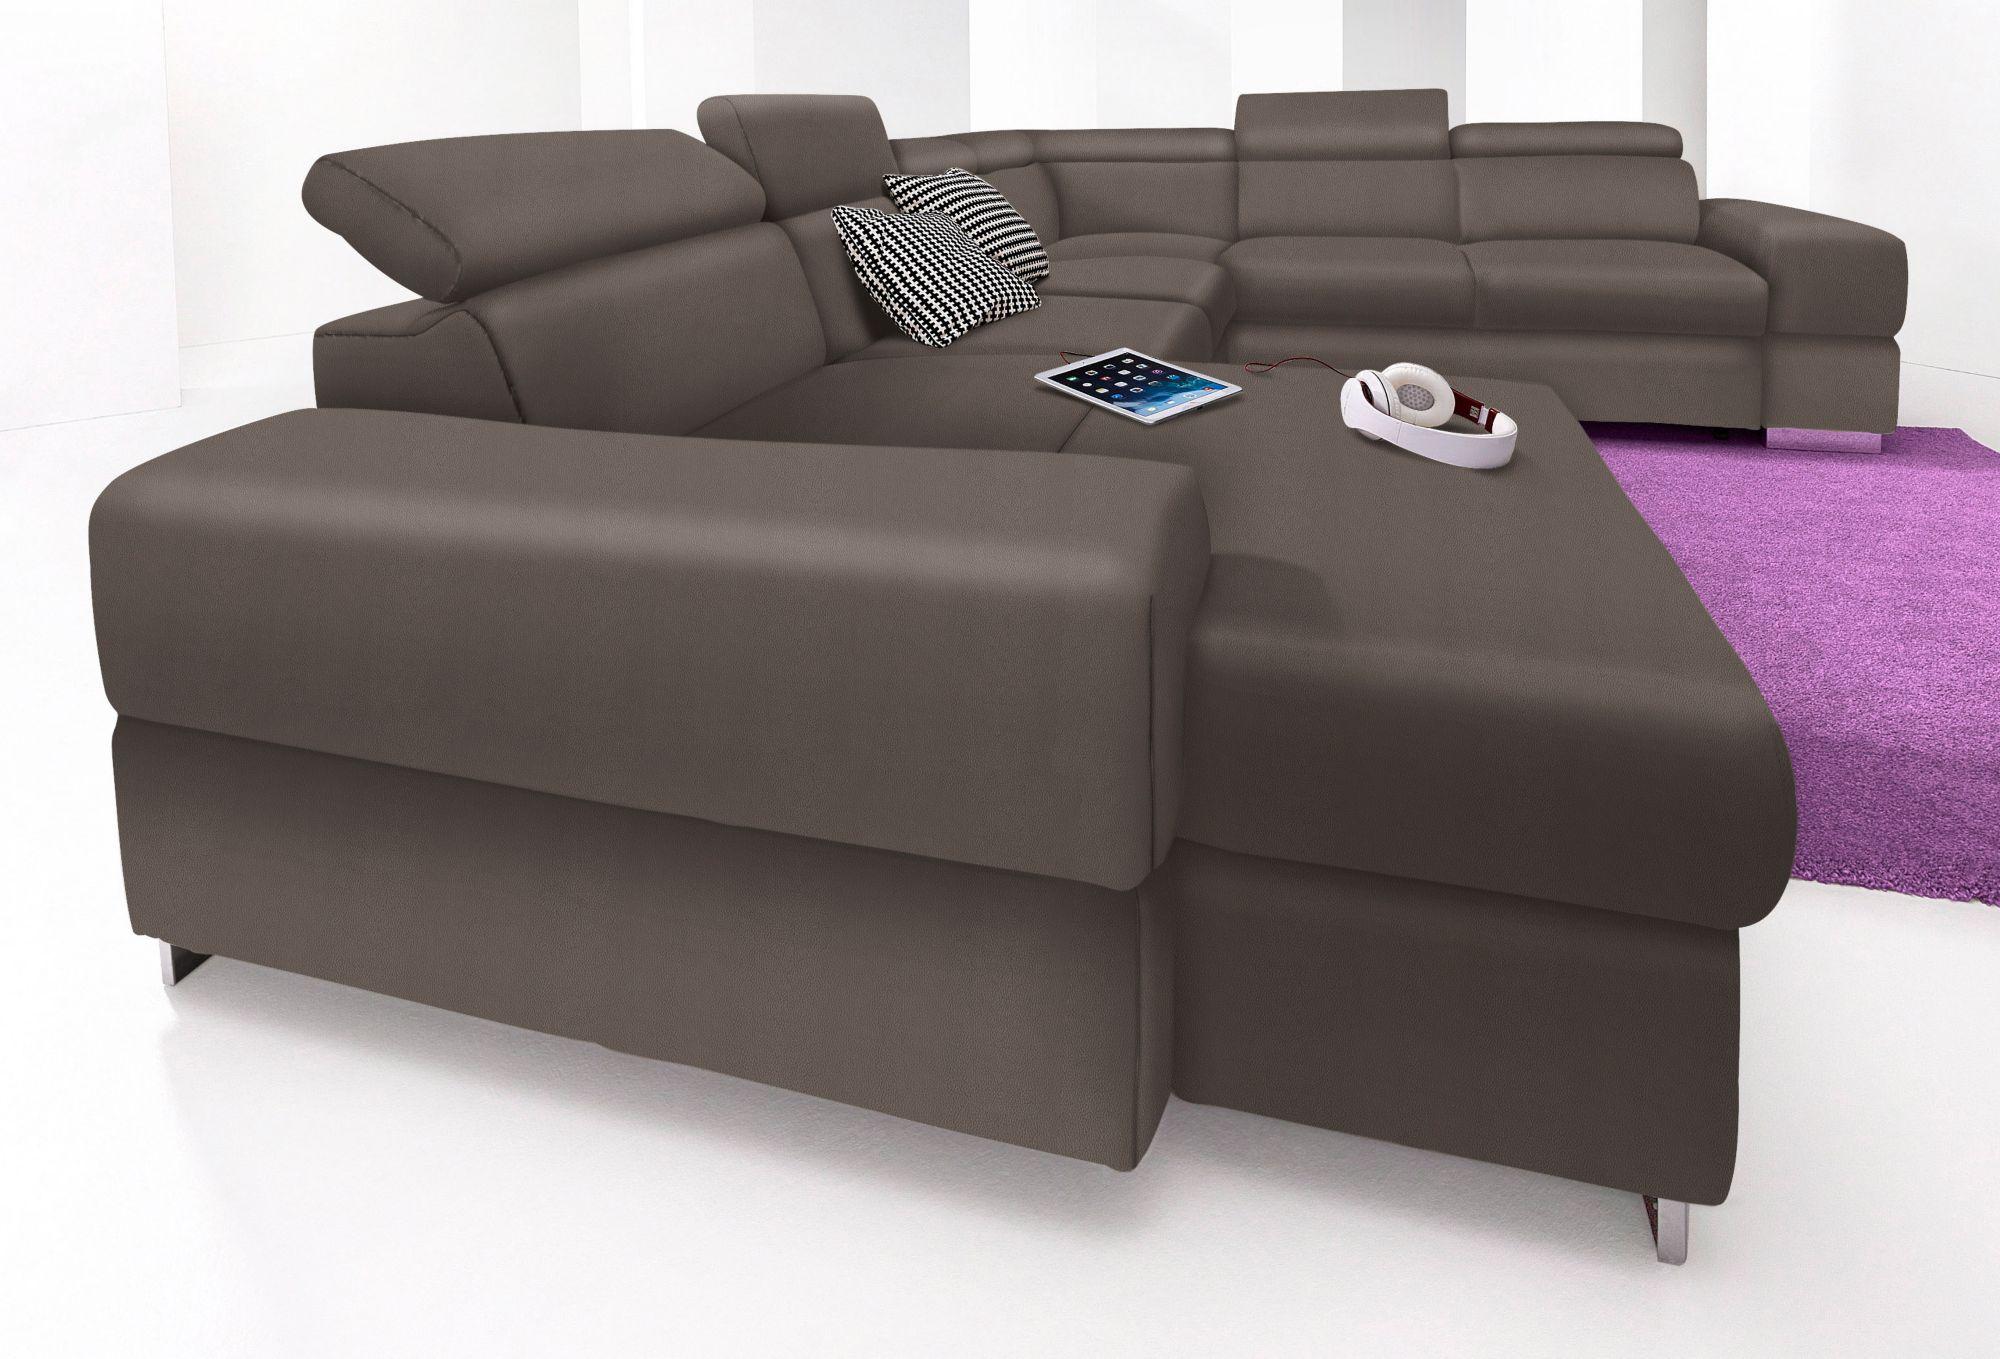 wohnlandschaft cotta wahlweise mit bettfunktion schwab versand wohnlandschaften. Black Bedroom Furniture Sets. Home Design Ideas